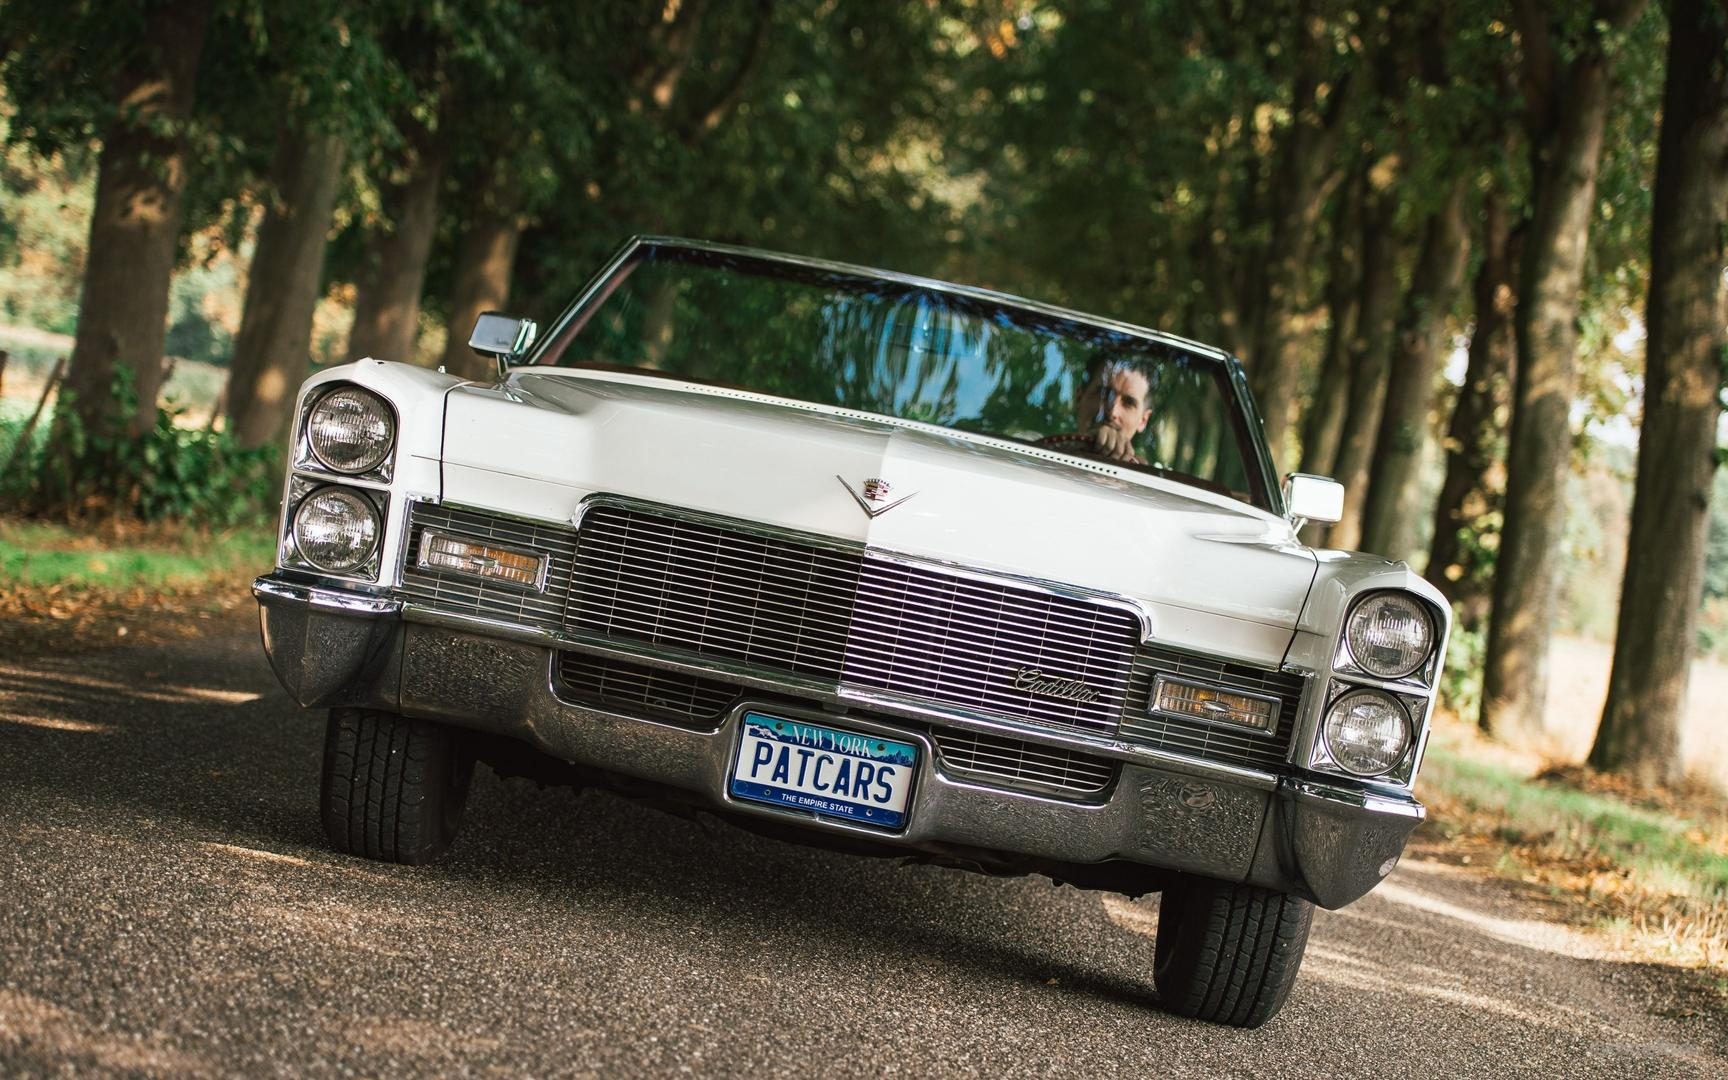 Oldtimer mieten & vermieten - Cadillac DeVille Convertible Bj.1968 HOCHZEITSAUTO Cabriolet in Mönchengladbach